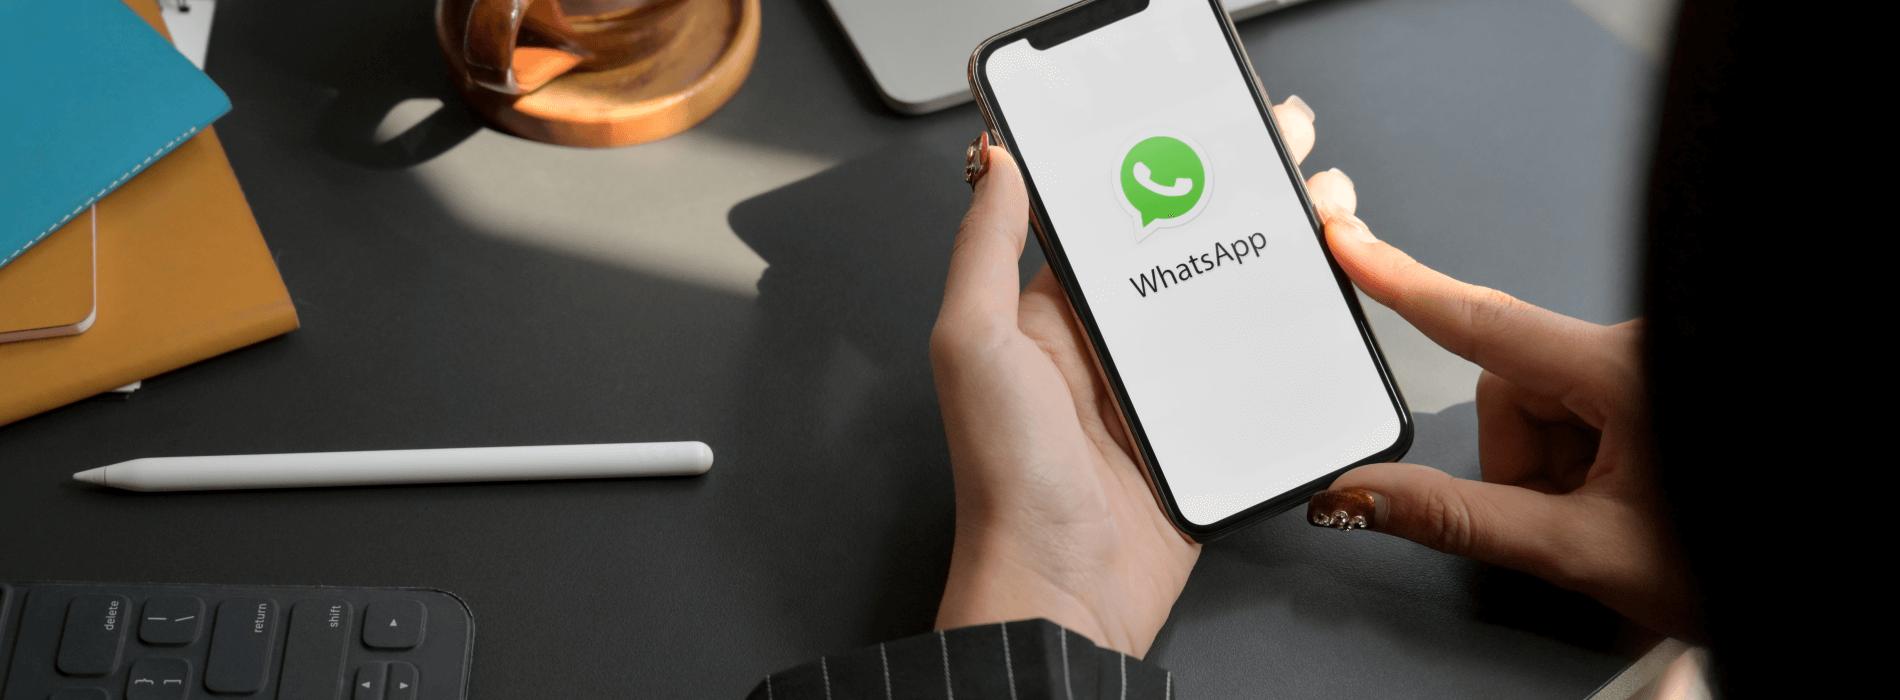 virais_whatsapp_genius_marketing